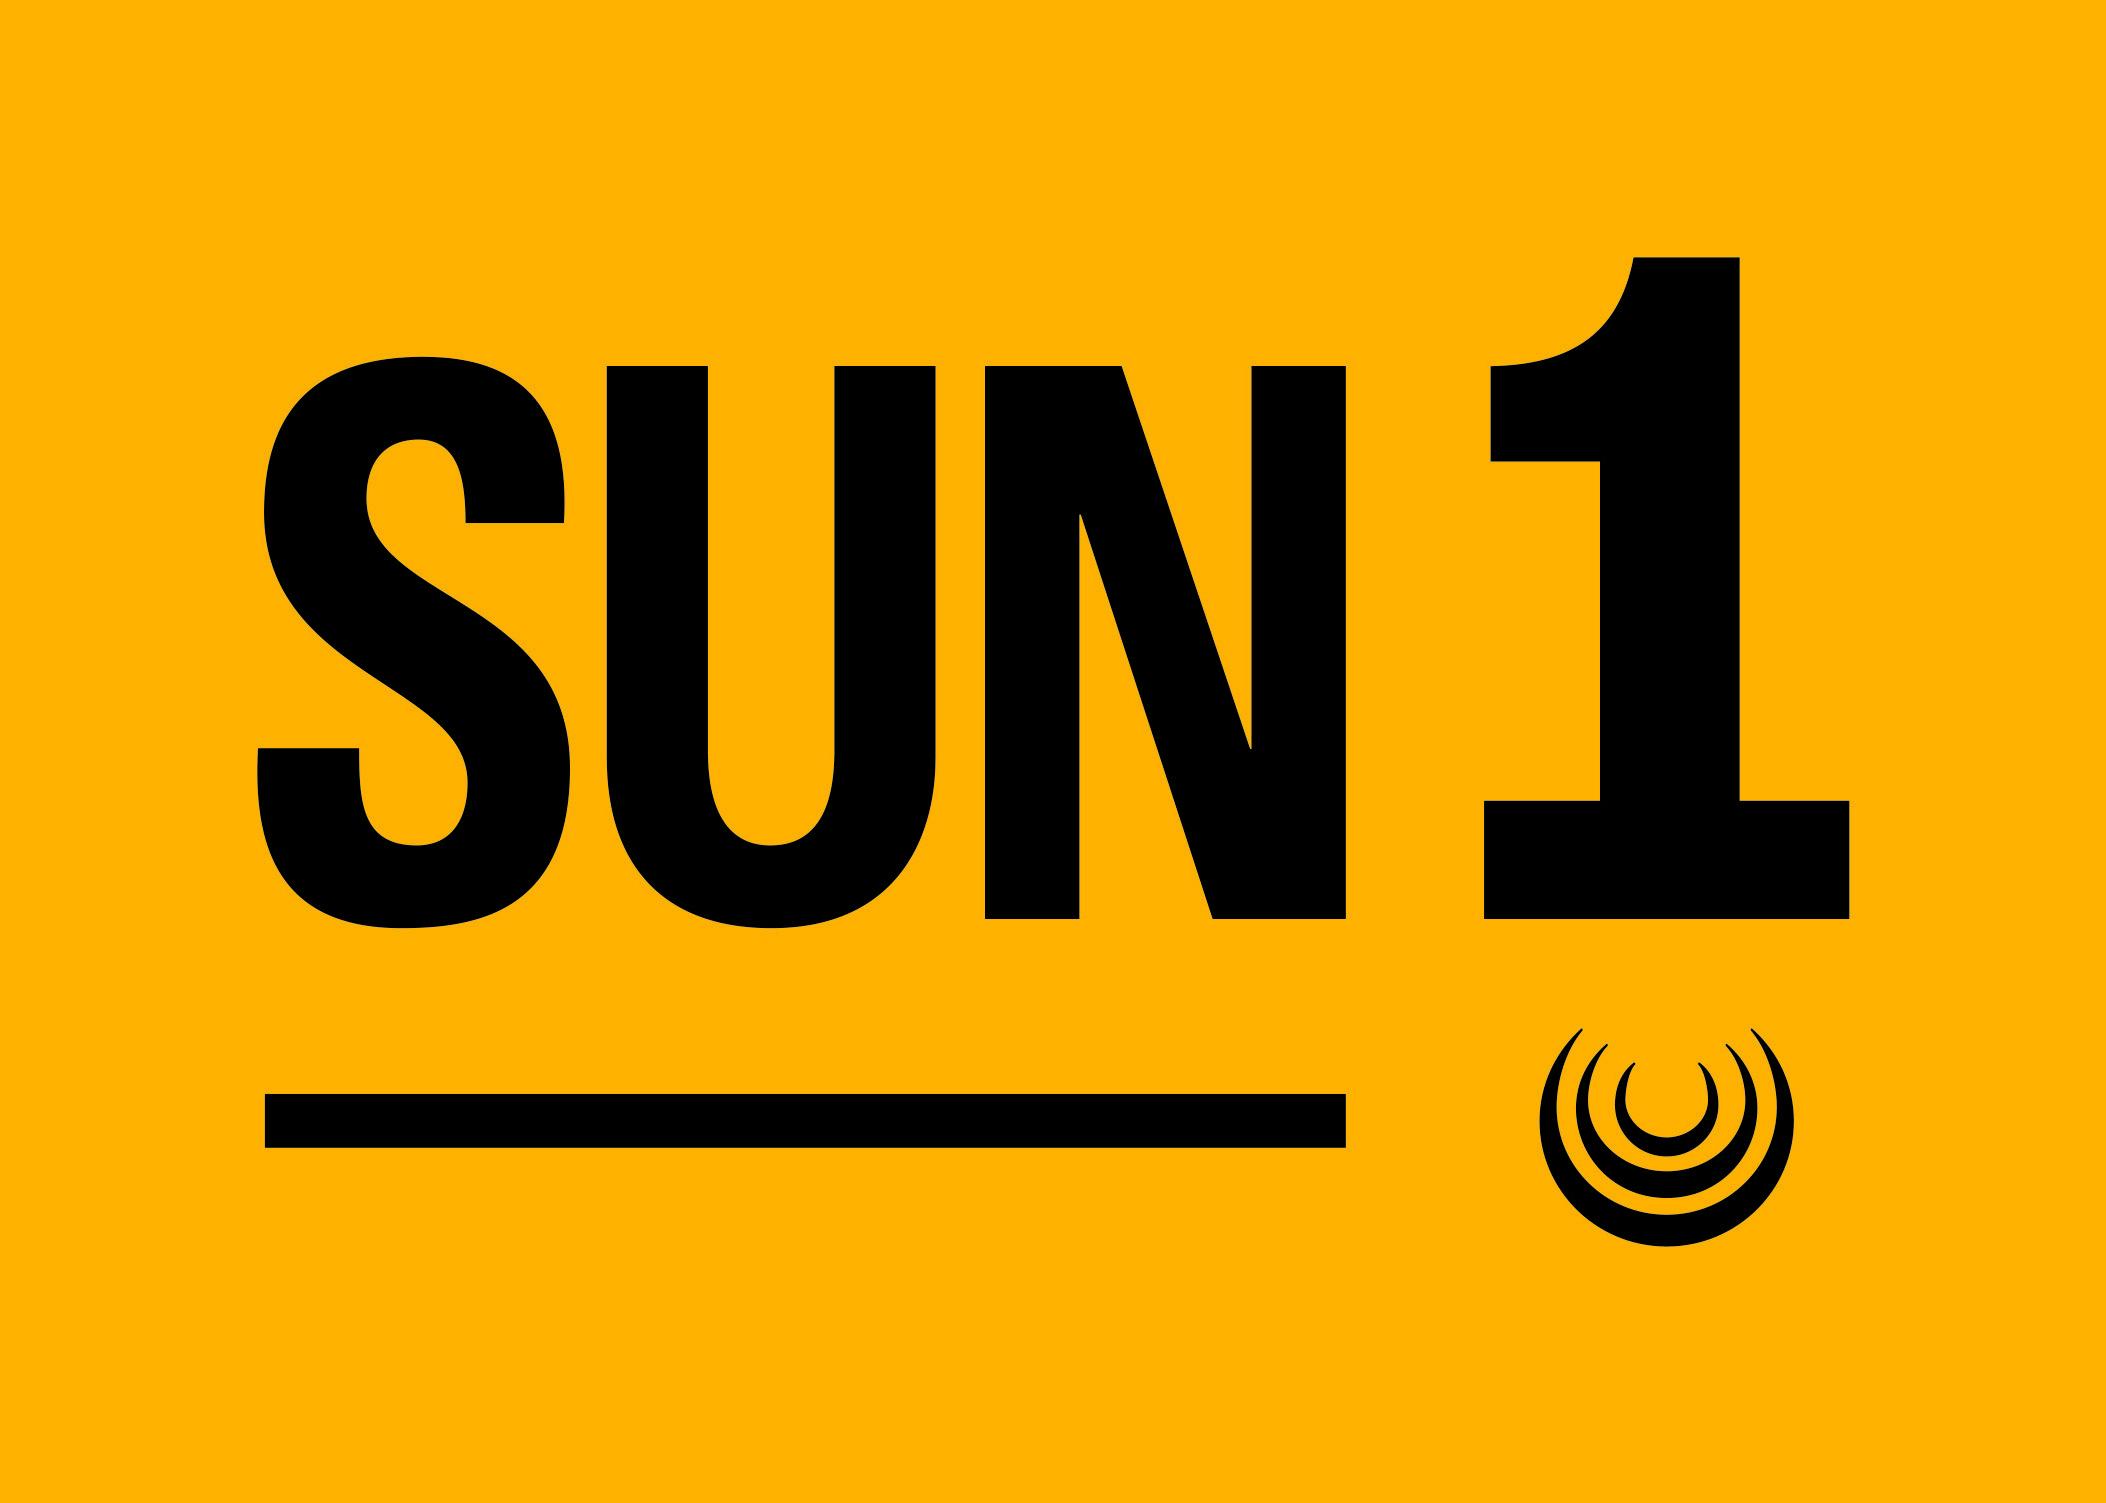 seun 1 13 planeaciÓn tipos de planes publicado el 12 octubre, 2014 por sor2014utnfrvm los planes de una organización se los puede describir según su alcance, marco.